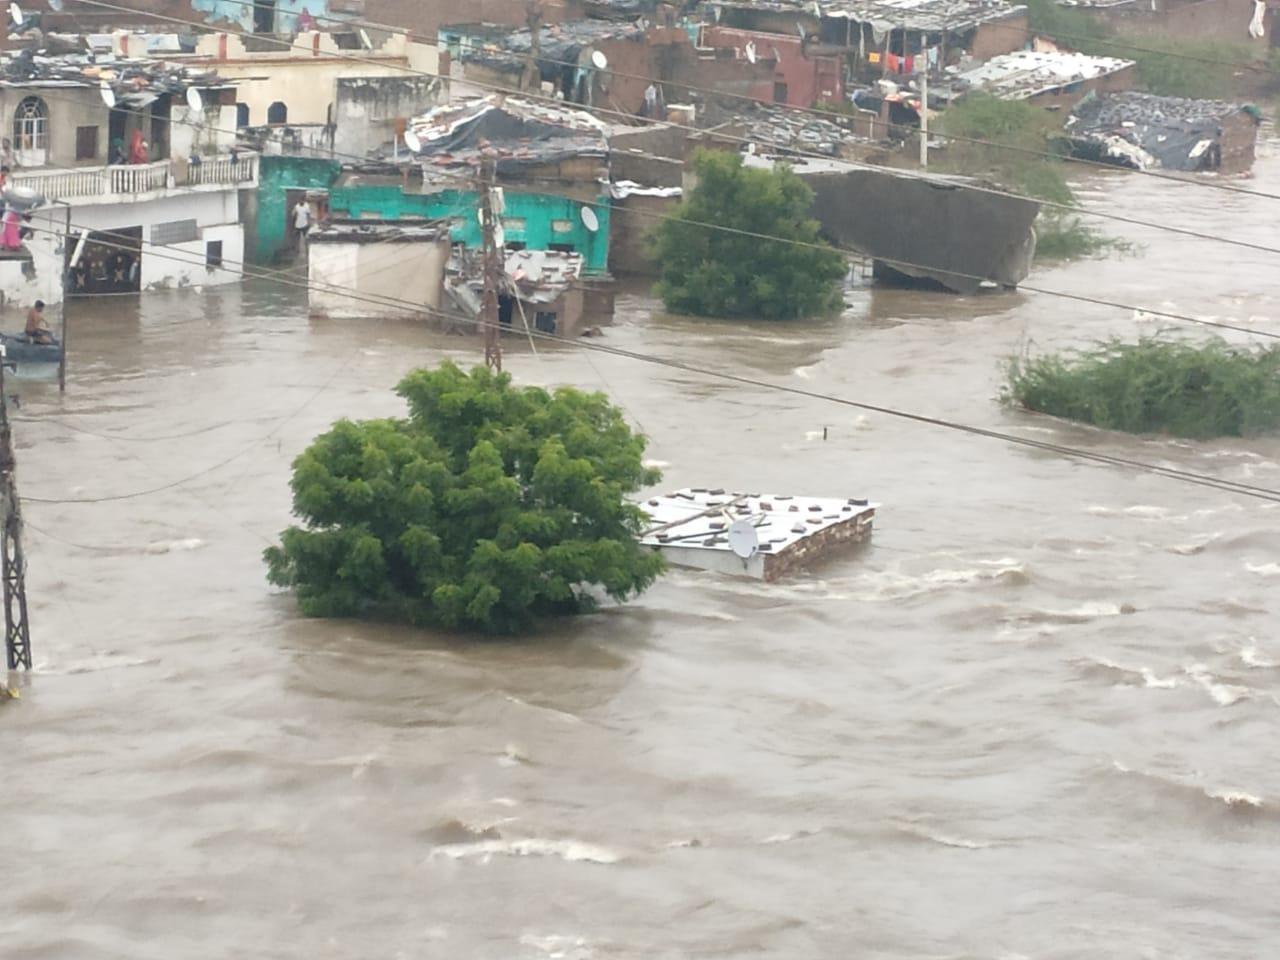 पानी ने मचाई तबाही, निचली बस्तियों में बाढ़ के हालात